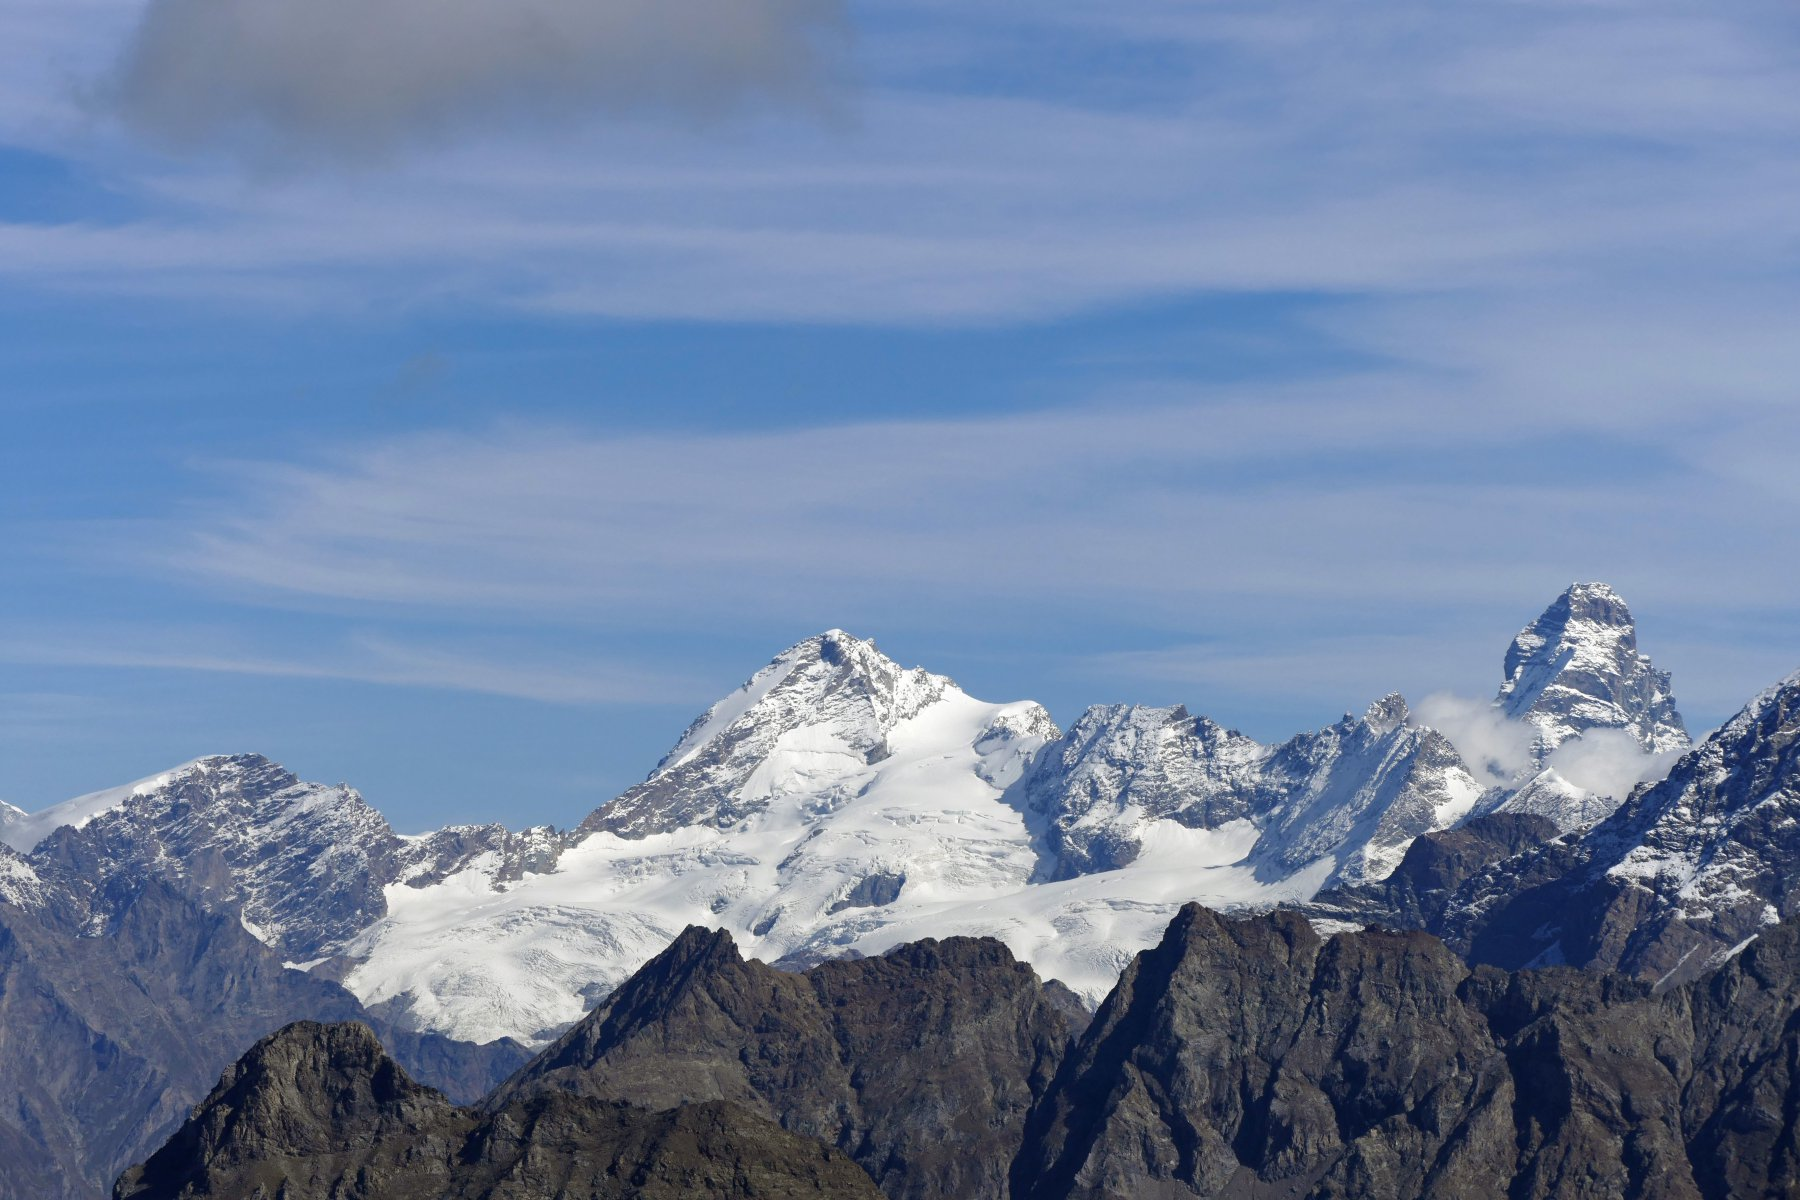 Da sinistra a destra: Tete de Valpelline, Dent' Herens e Matterhorn